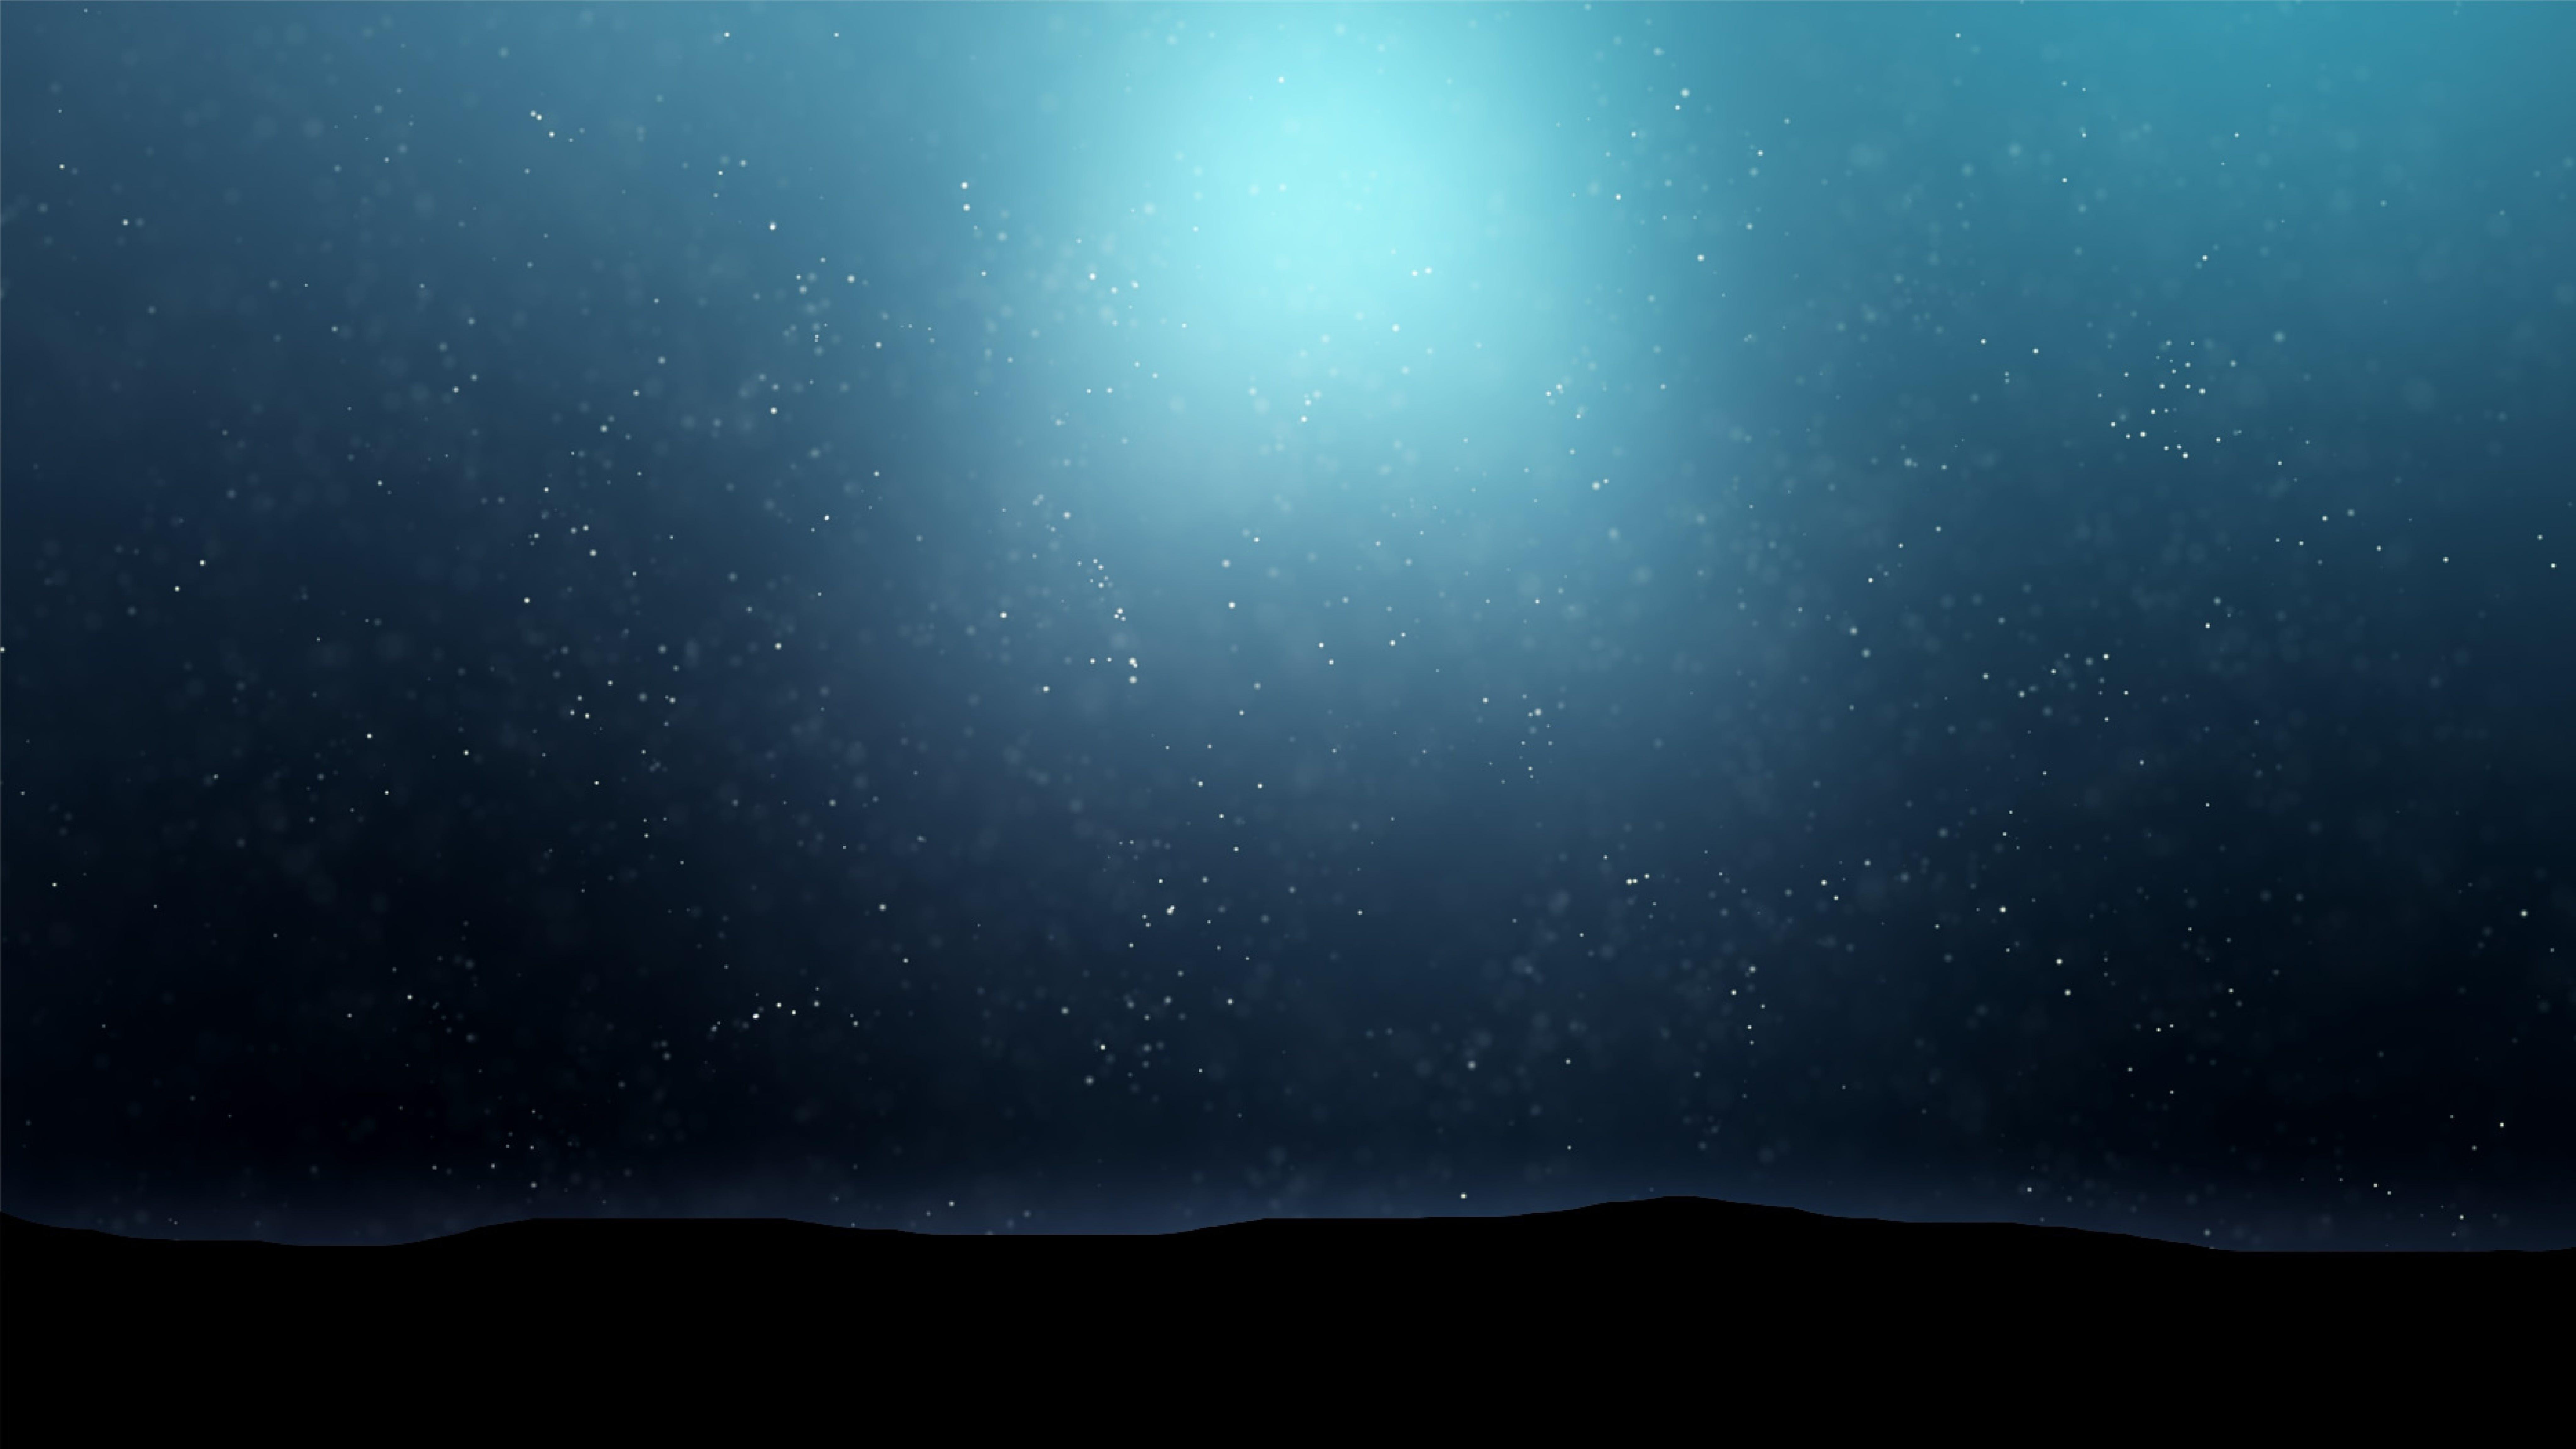 夜, 星, 青空の無料の写真素材